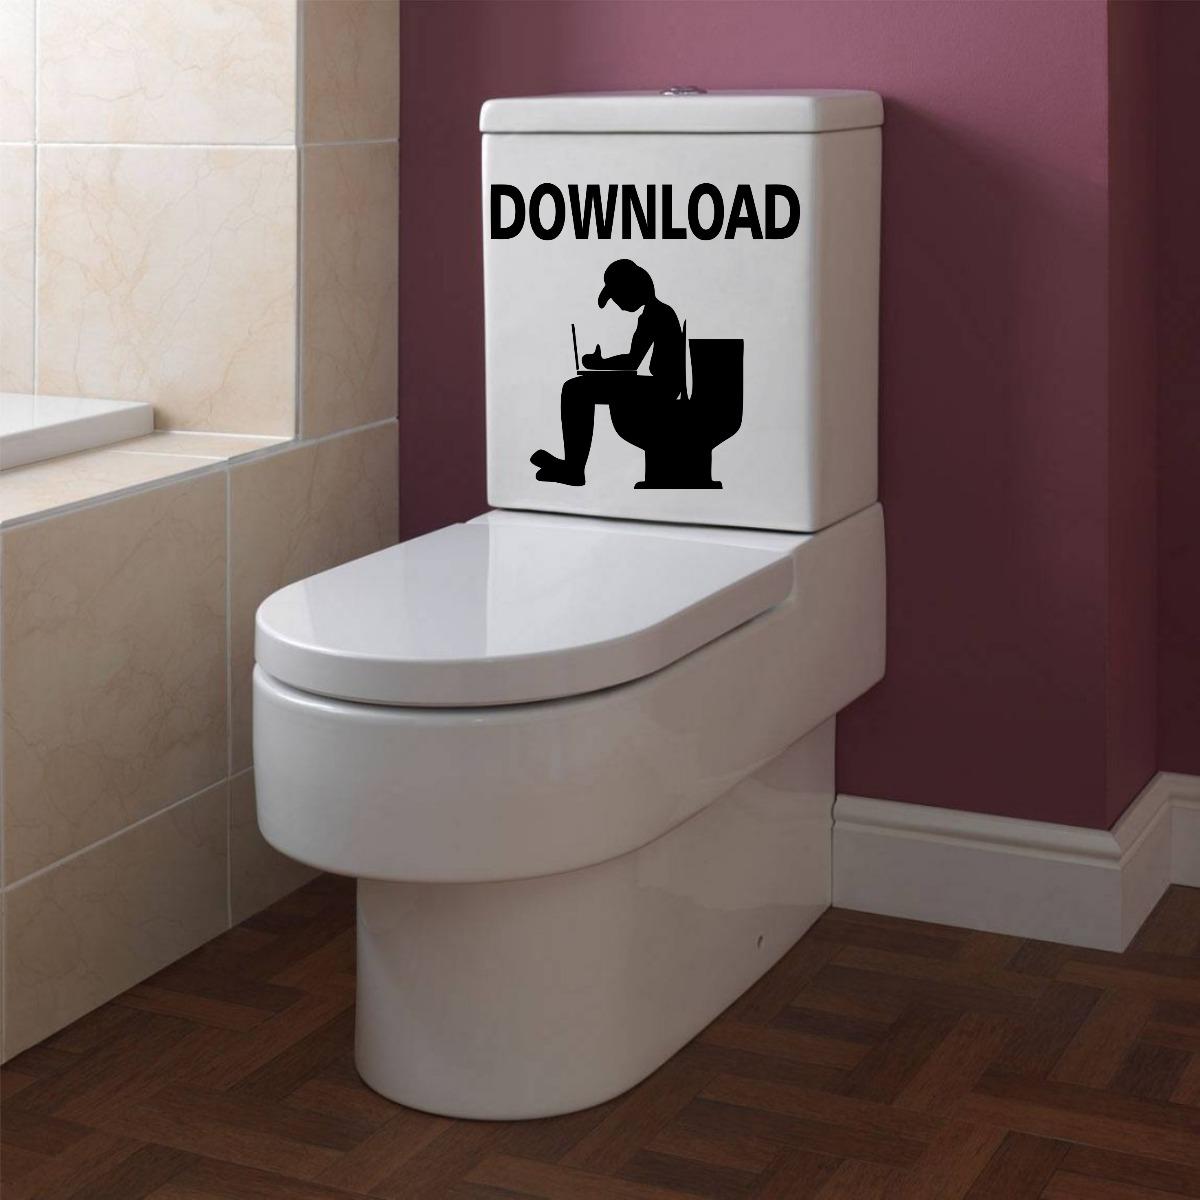 Adesivo Rivastigmina Sus ~ Adesivo Decorativo Parede Banheiro Vaso Sanitário Dowloand R$ 13,99 em Mercado Livre